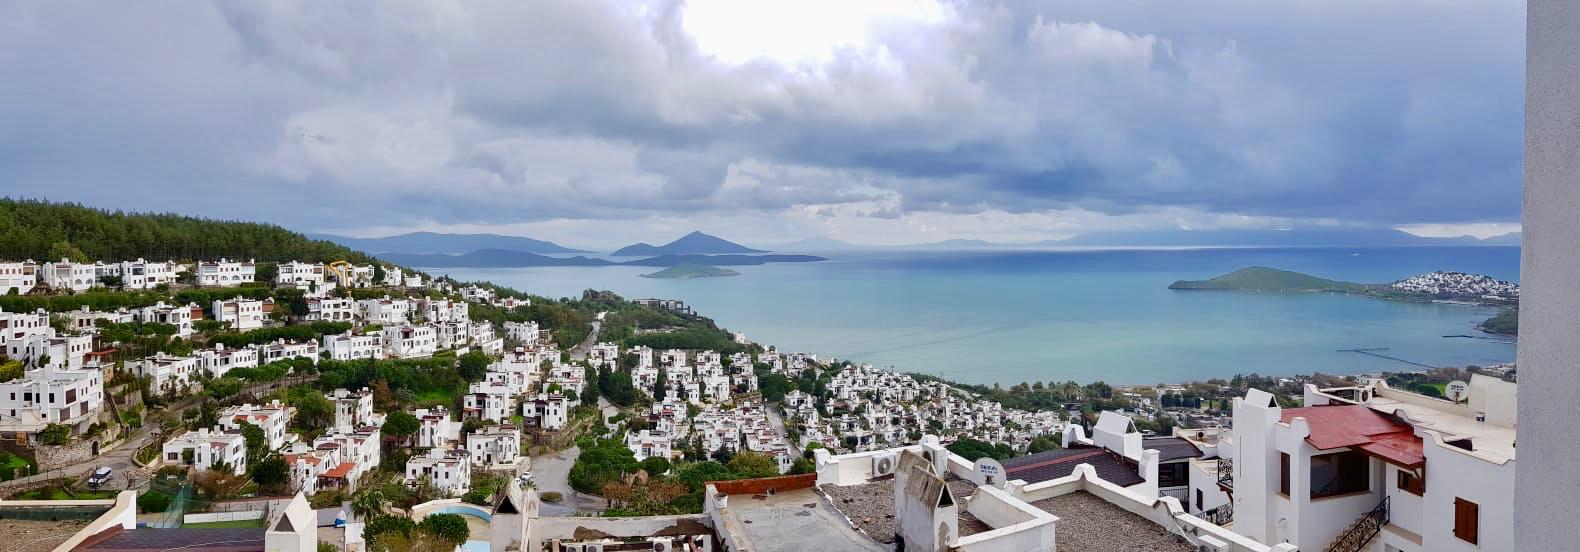 Bodrum Ortakent Satılık Müstakil Villa-Özel Plaj-Deniz Manzaralı